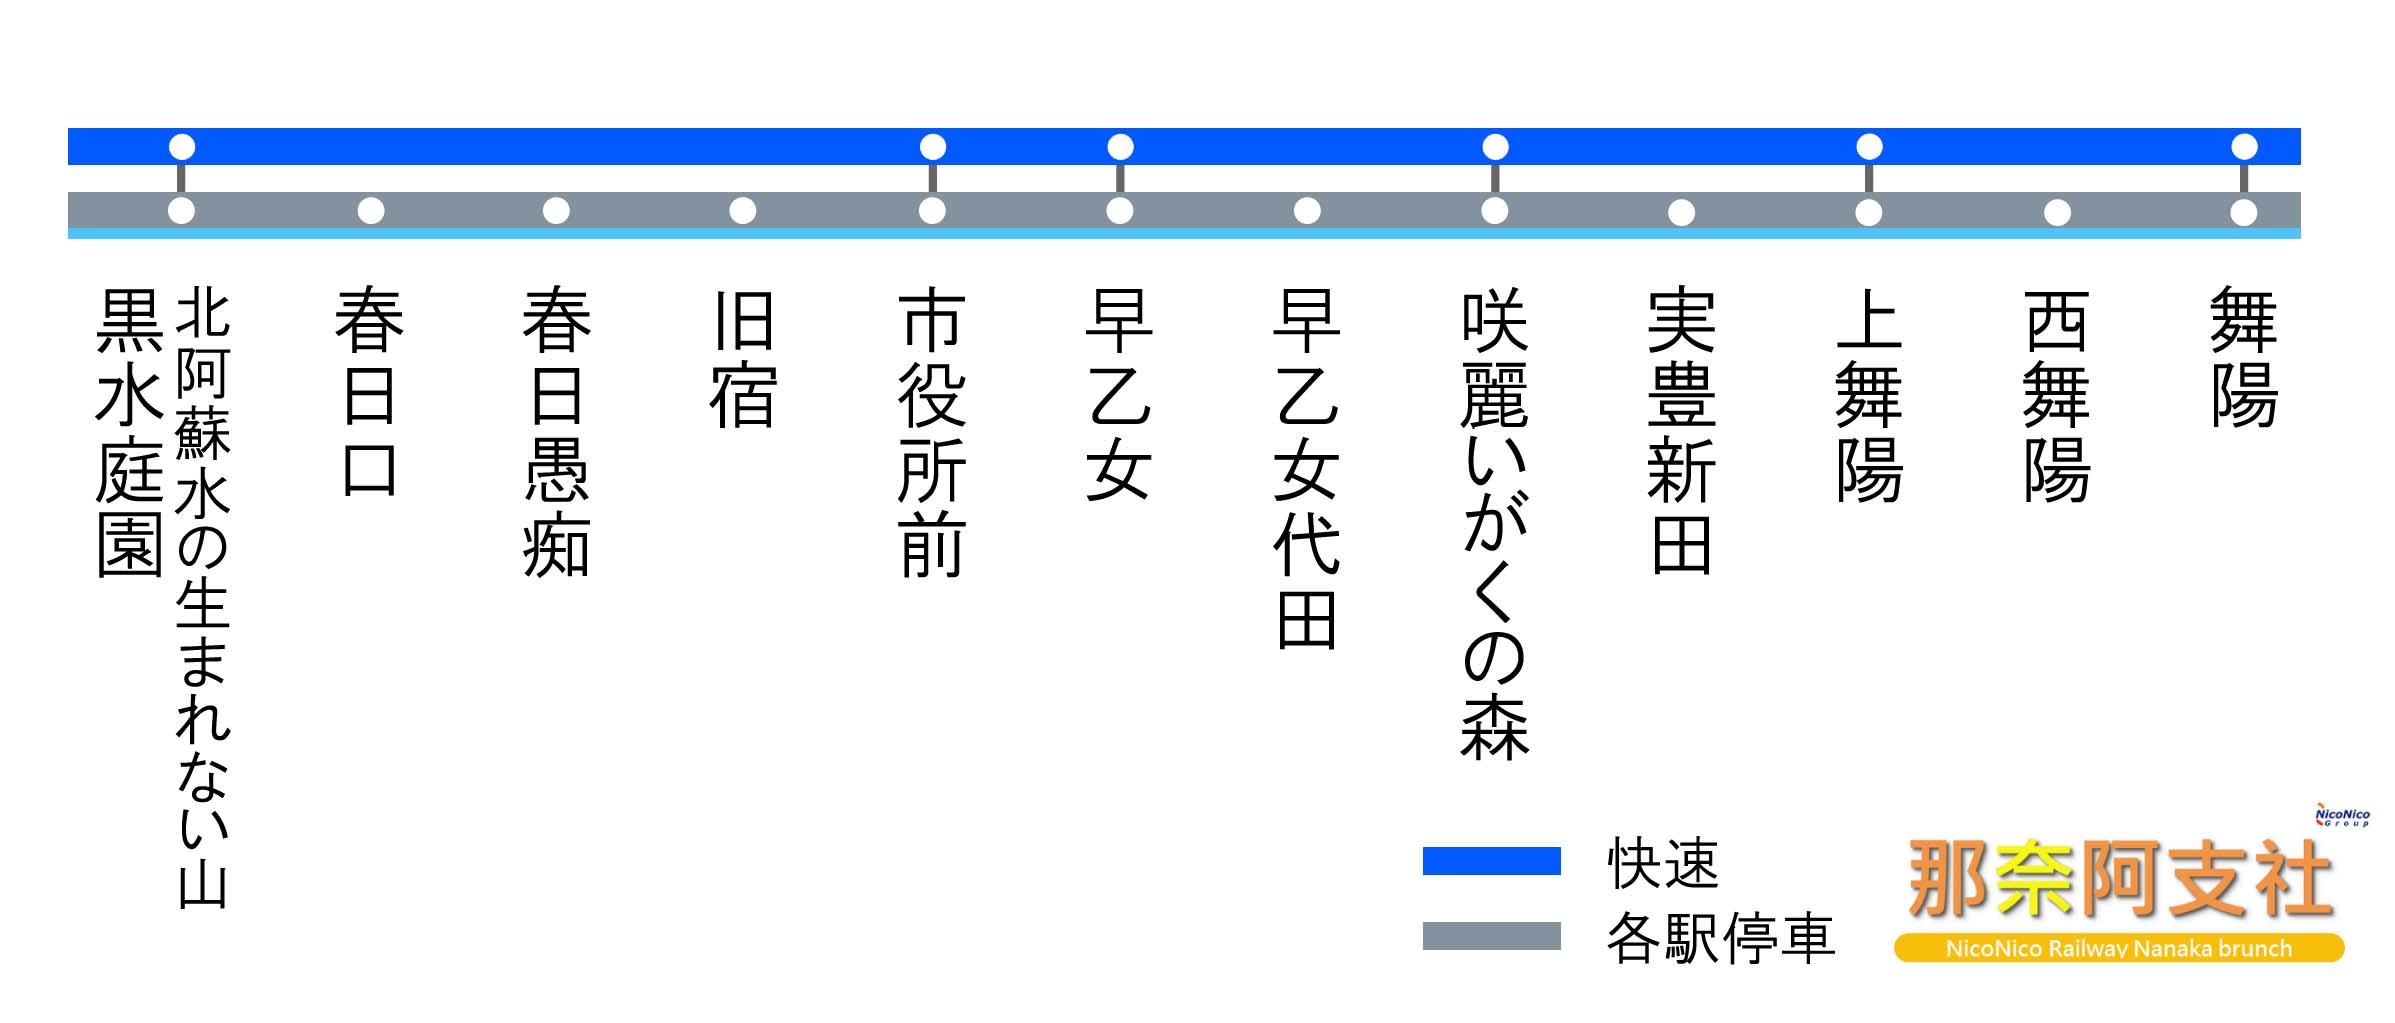 15話舞陽線路線図延伸_08文字修正のせのコピー.jpg